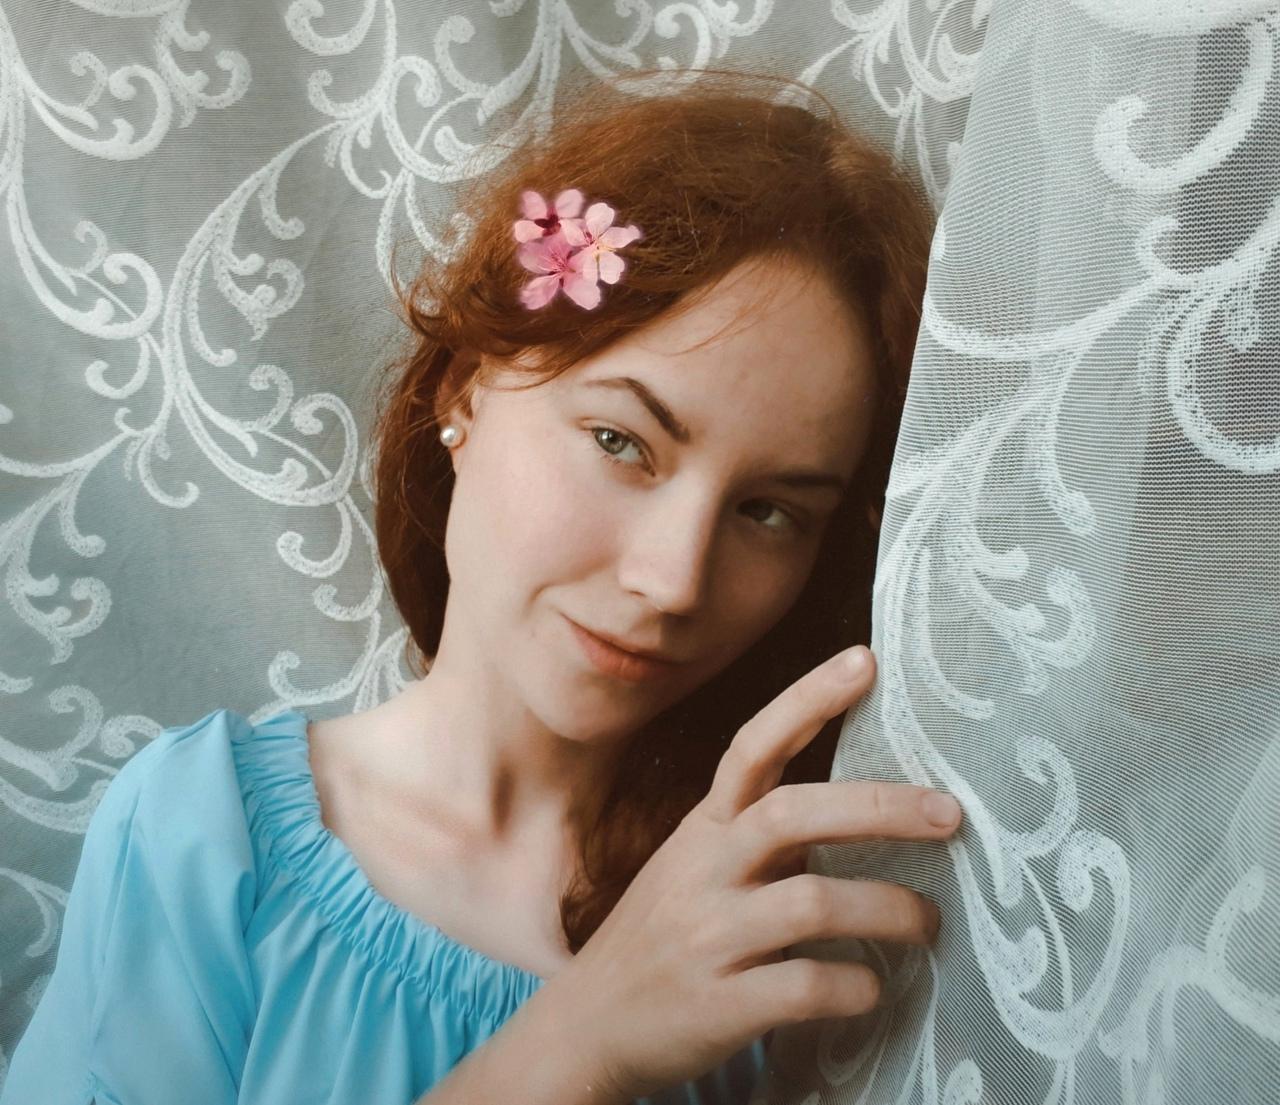 Ксения Трофимова, Санкт-Петербург - фото №11